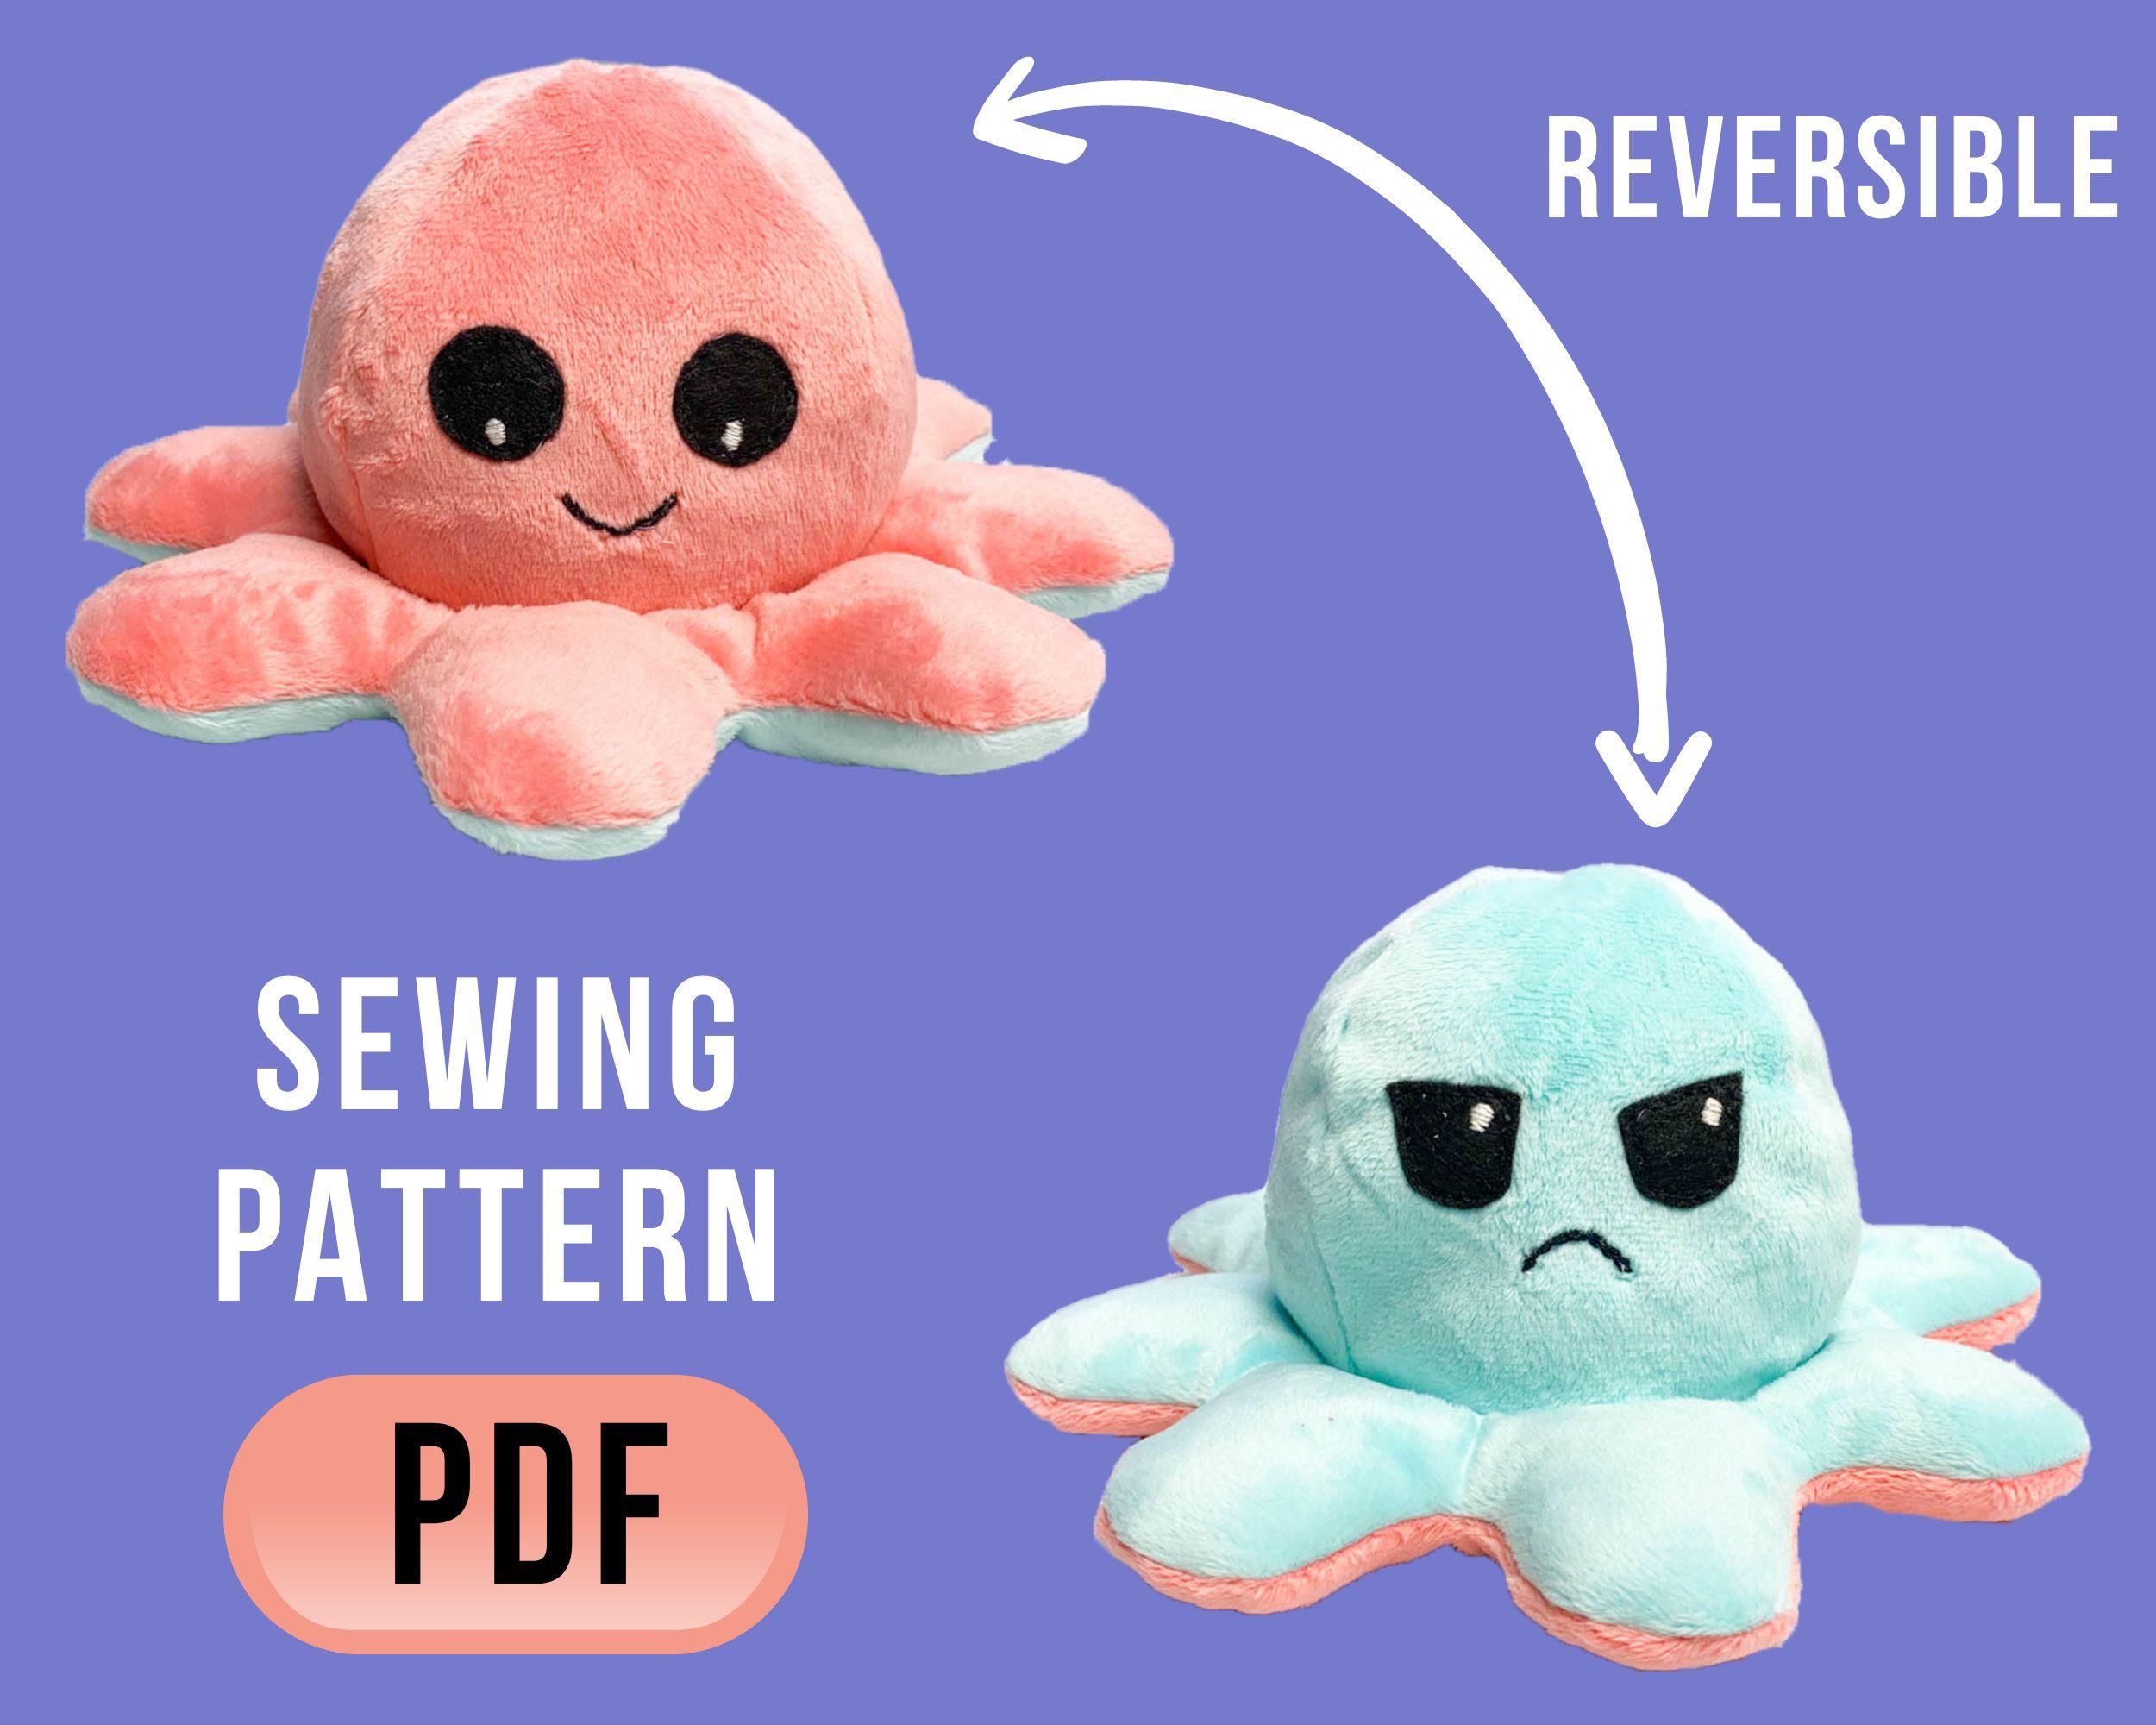 Animal Sewing Pattern Plush Octopus  Sewing Pattern Plush Octopus pdf Octopus Toy PDF DIY Sewing Pattern PDF Pattern Octopus Plush Toy